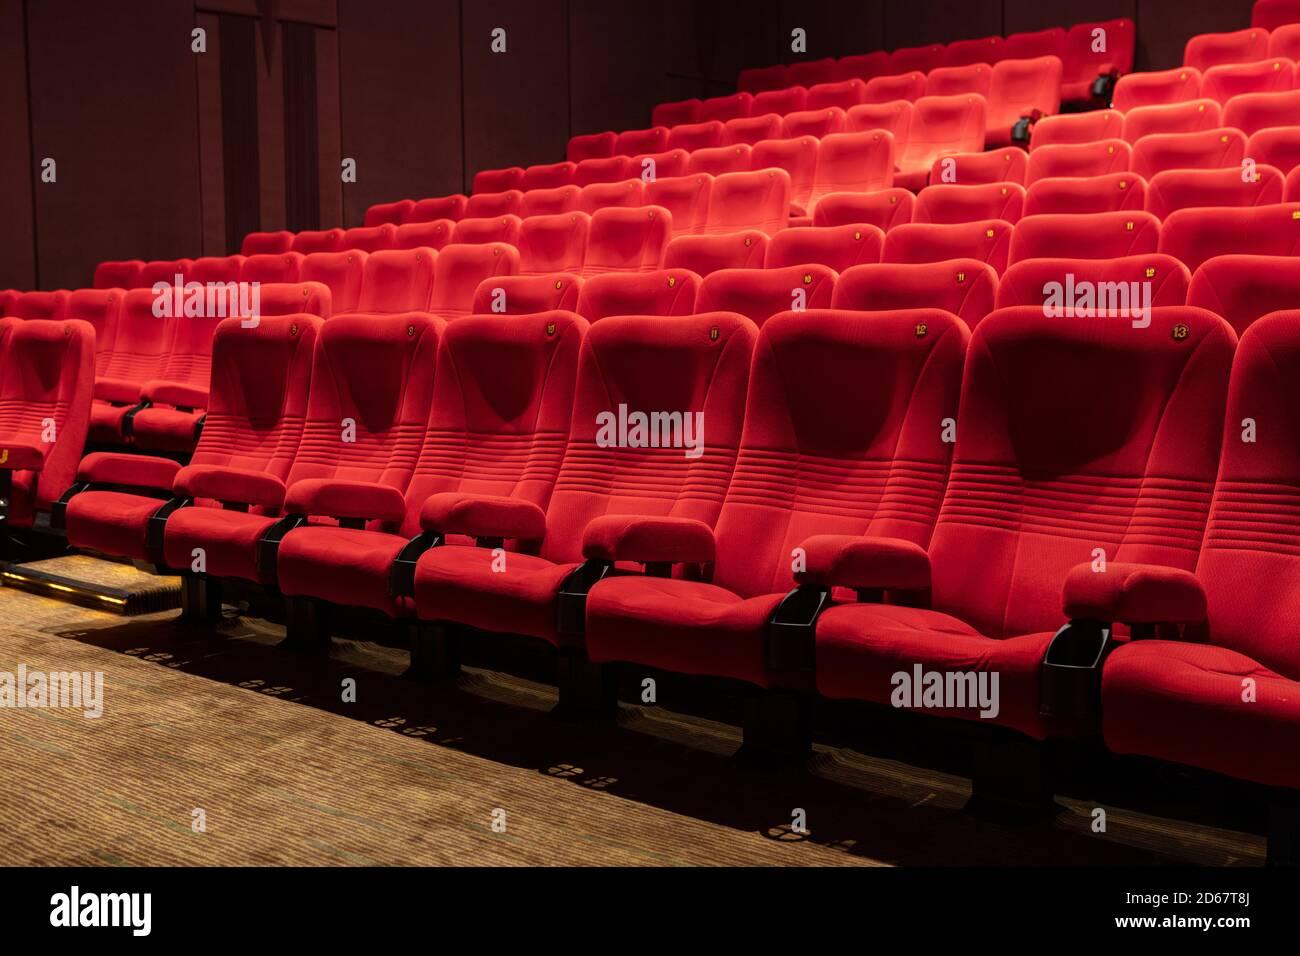 Empty Red Cinema Seat on Movie Theatre Stock Photo